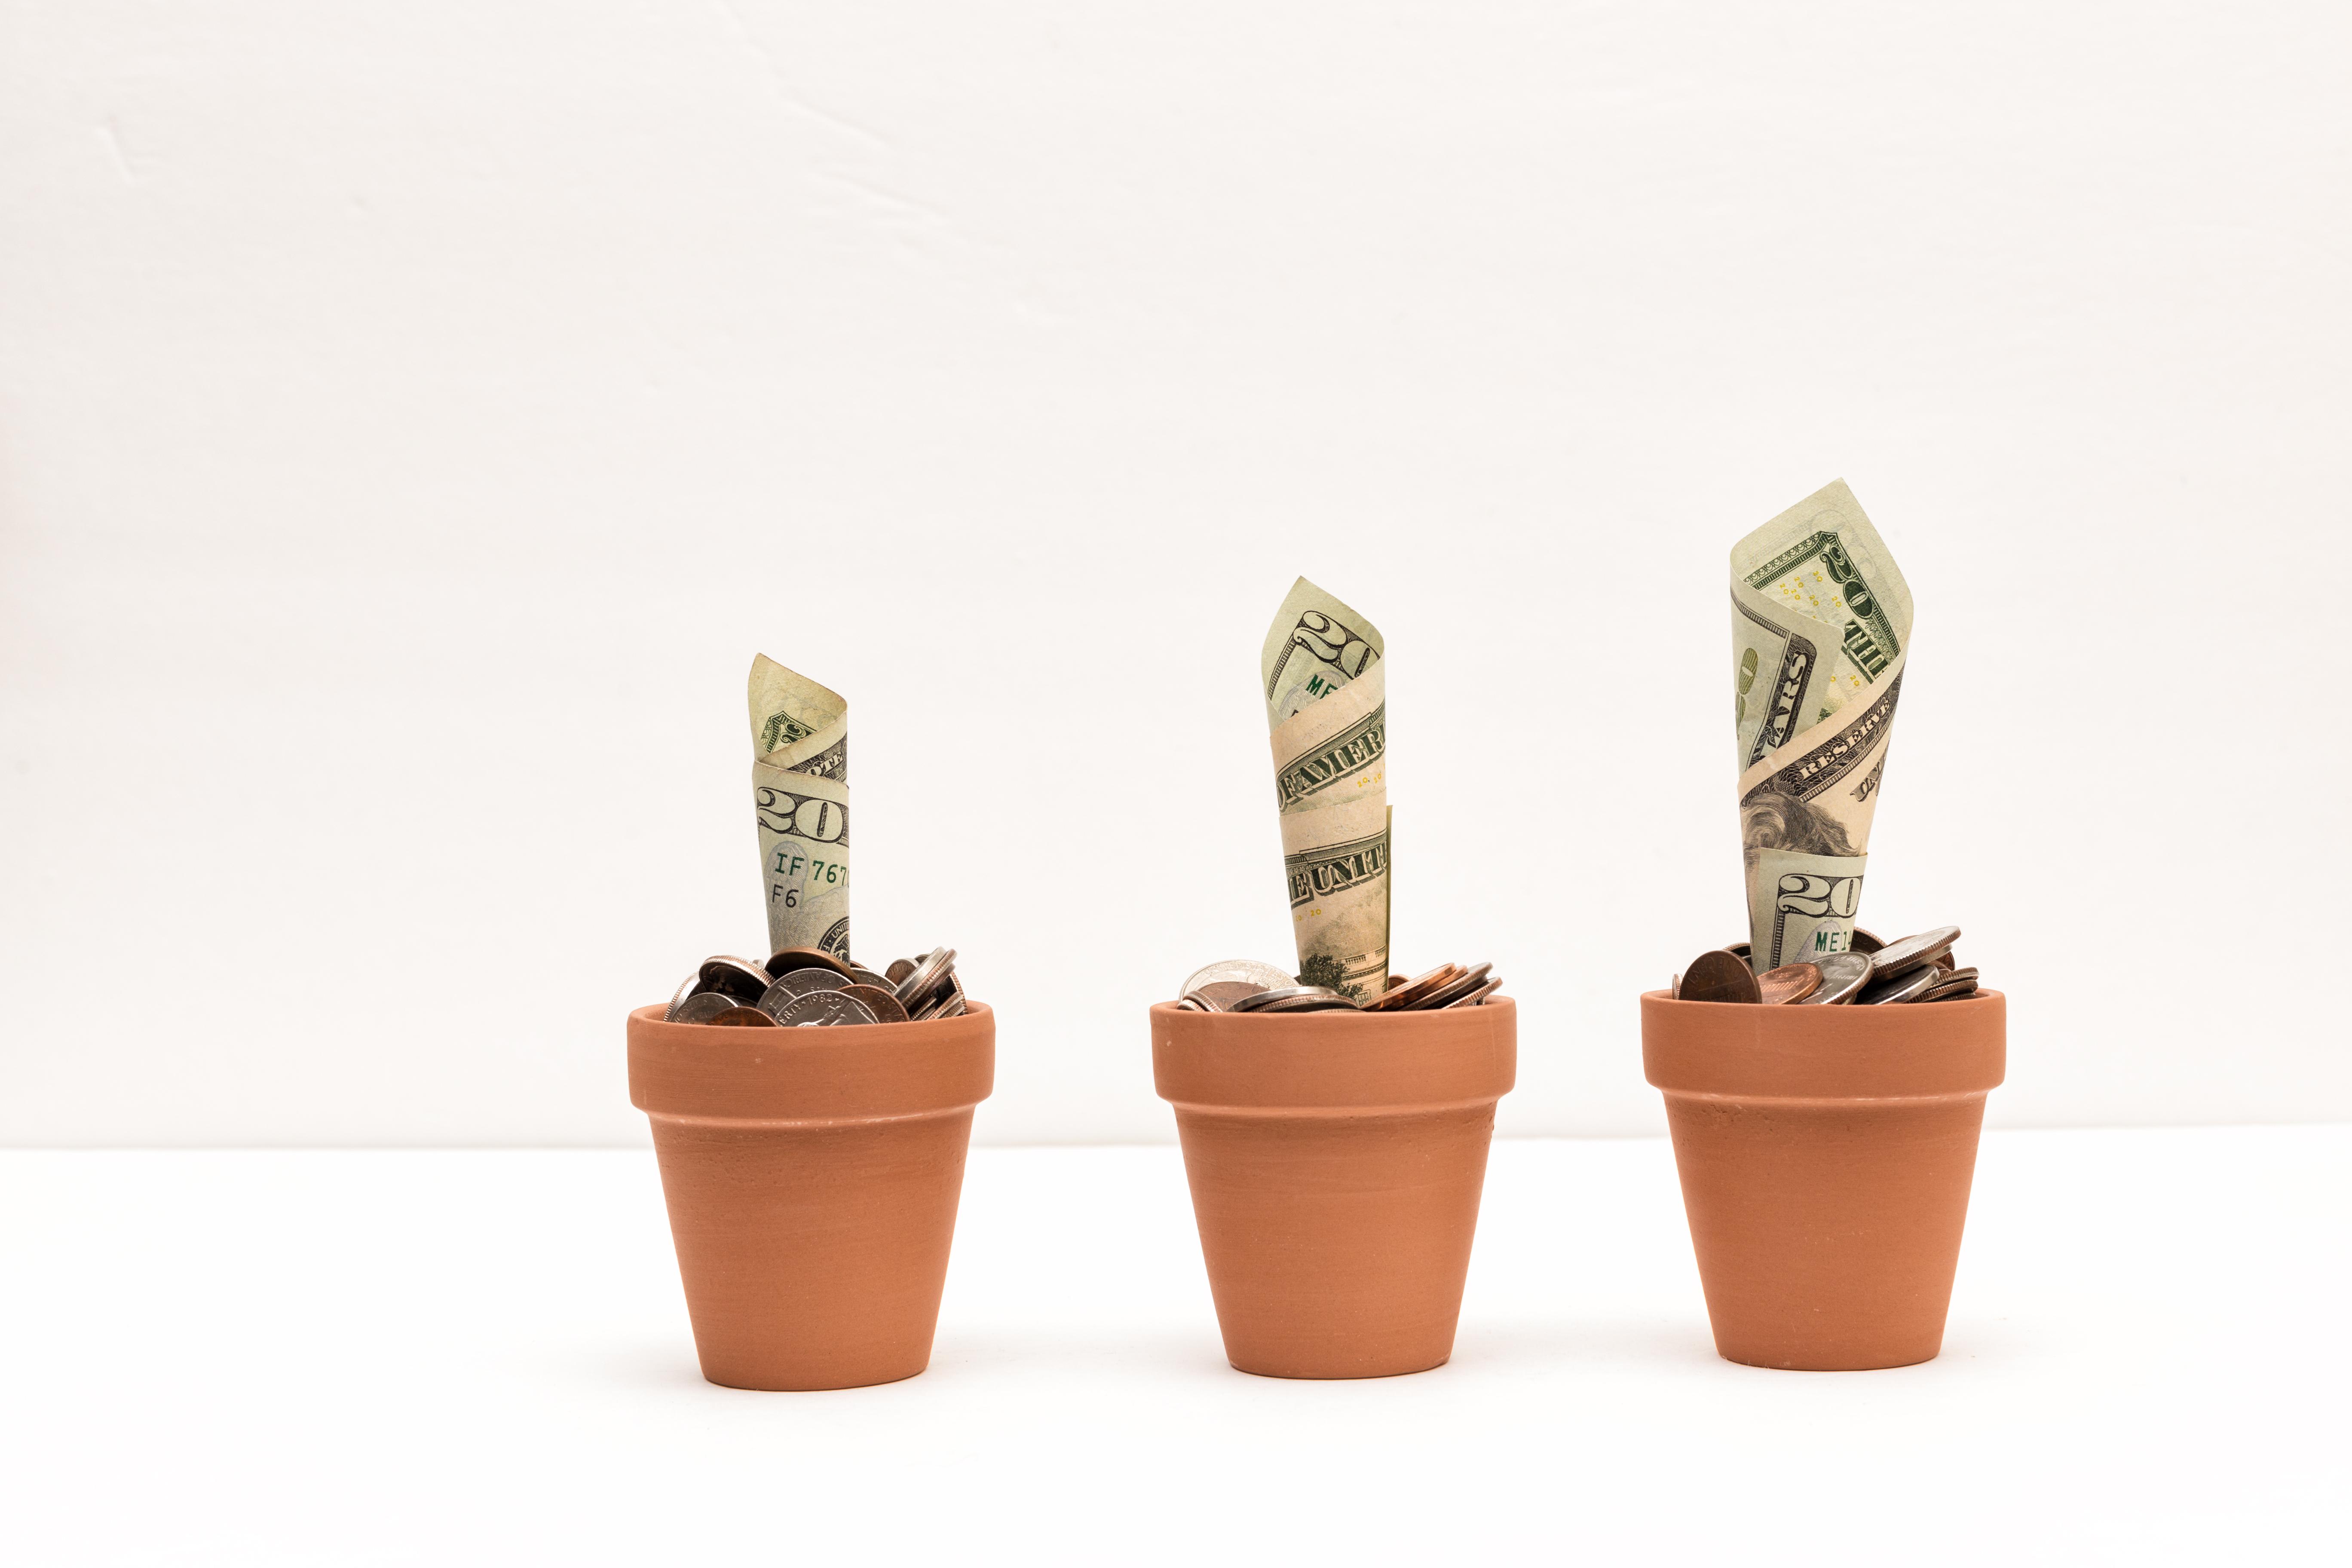 Money growing in pots